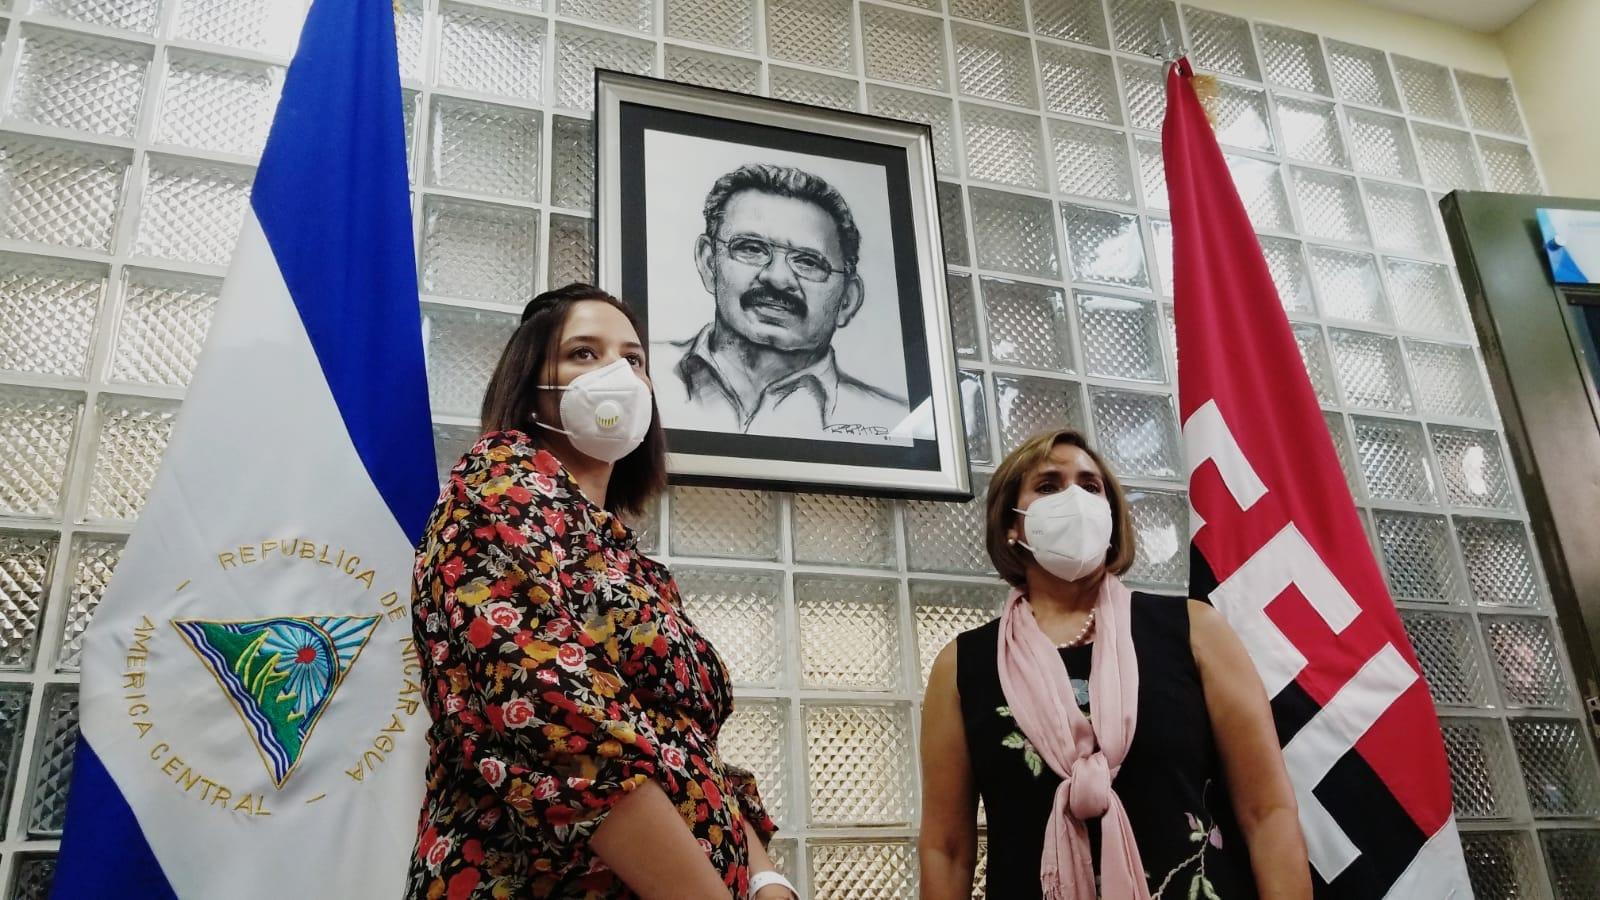 Rinden homenaje póstumo a Jacinto Suárez Managua. Por Danielka Ruíz/Radio La Primerísima